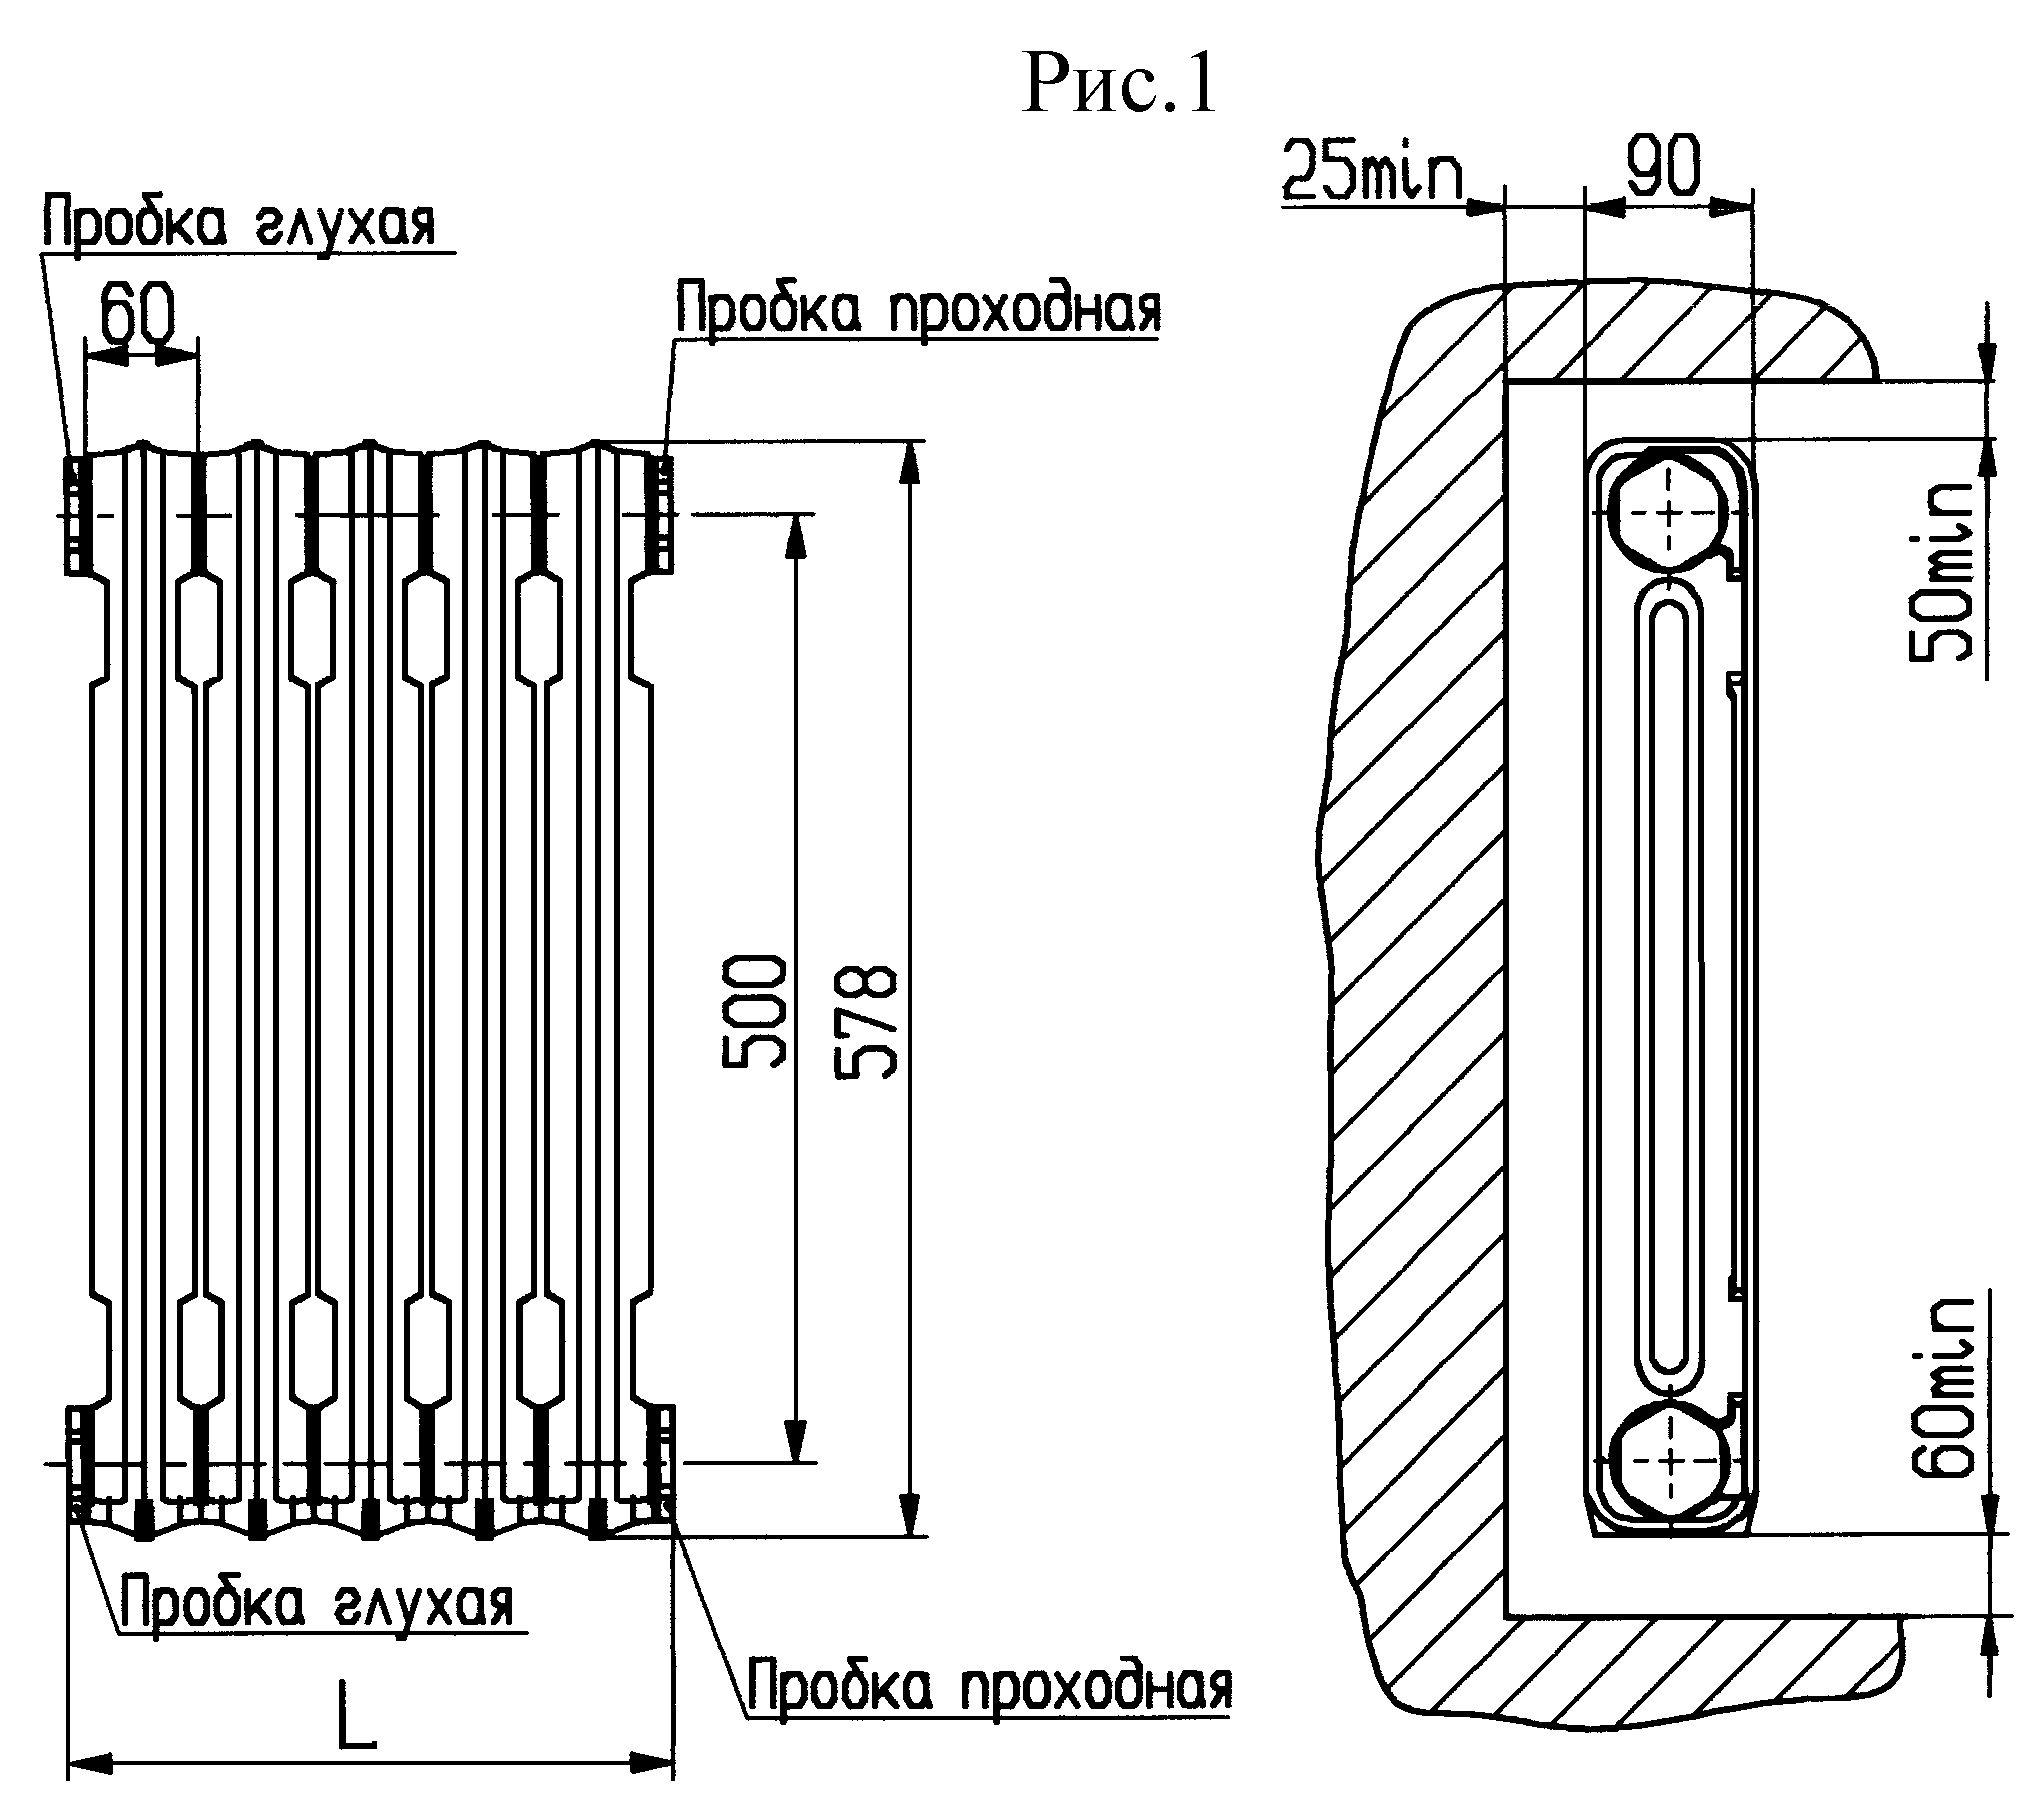 Биметаллические радиаторы отопления - технические характеристики: размеры, мощность, теплоотдача